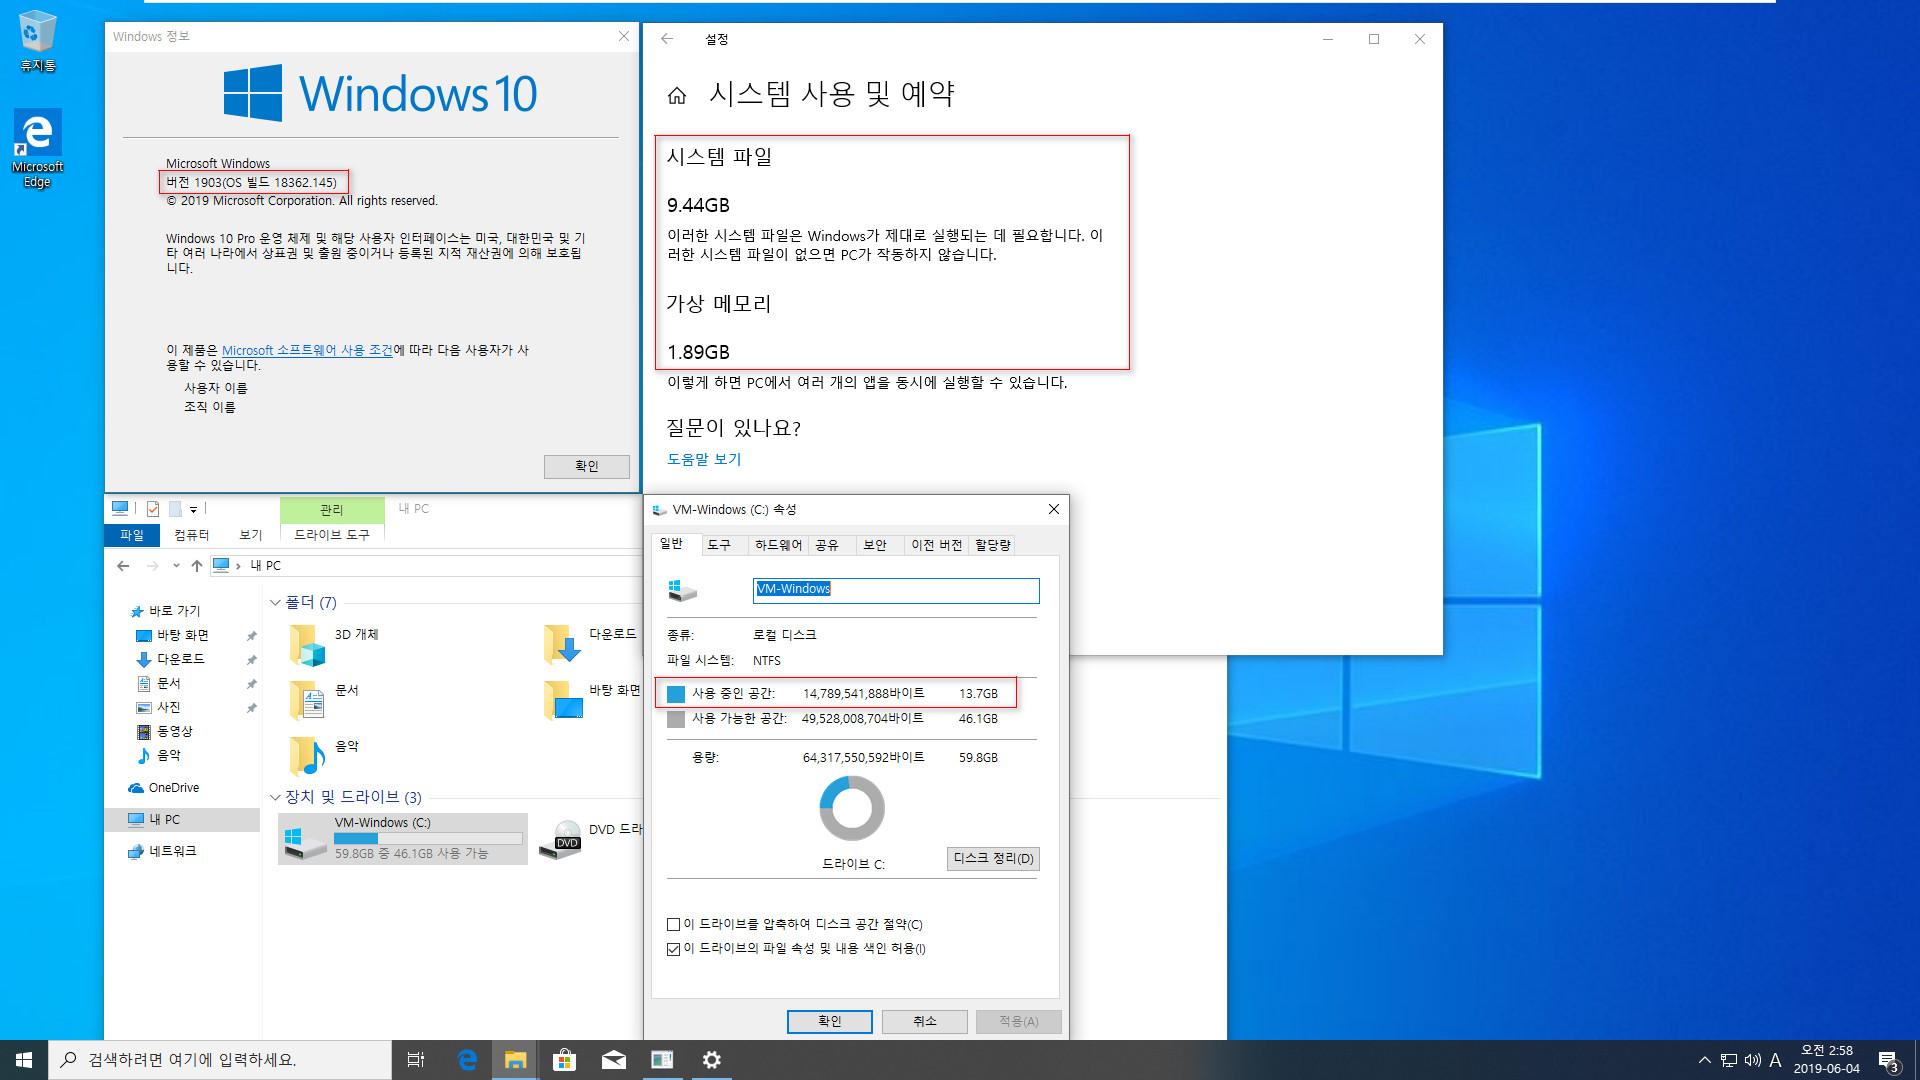 Windows 10 버전1903 부터 생긴 예약된 저장소 해제하기 테스트2 - 결과는 18362.116 빌드 설치 후에 레지스트리 적용하면 여전히 반영이 안 되고, 18362.145 빌드로 윈도 업데이트하면 반영이 됨, 12019-06-04_025824.jpg